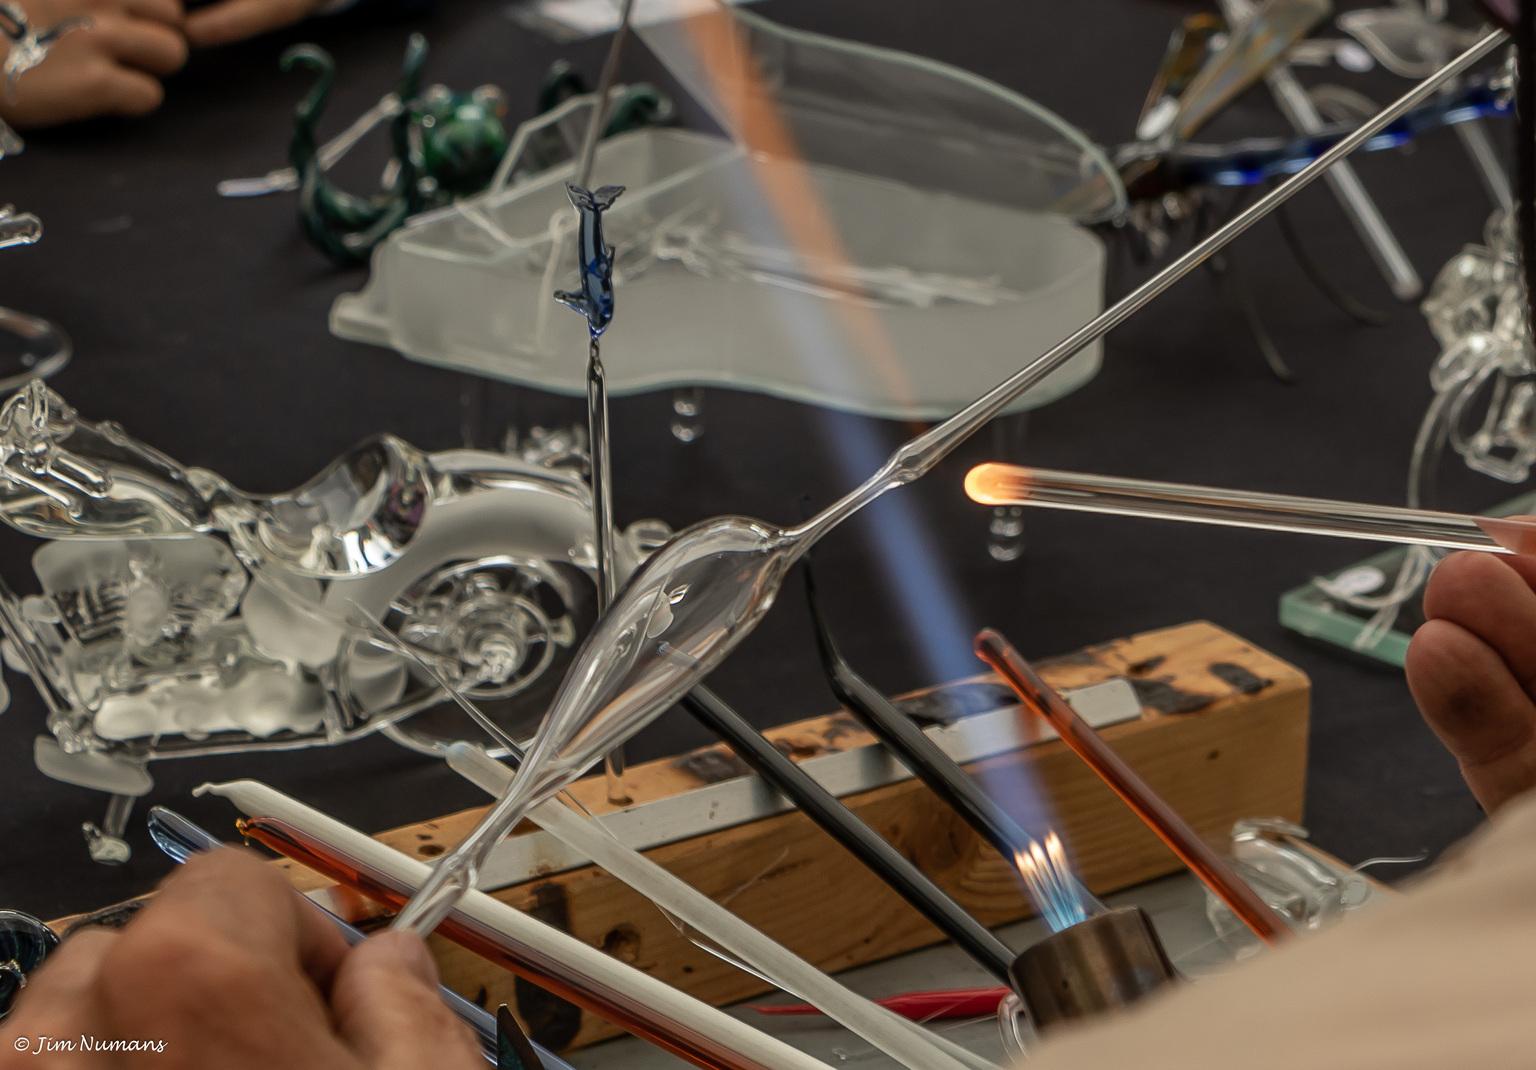 De glasblazer 2 - Nog één van de glasblazer, maar uit een andere hoek. Bewust gedaan, om ook iets van zijn werk te laten zien. - foto door Jimbob op 14-04-2021 - locatie: 5386 Geffen, Nederland - deze foto bevat: handen, nijberheid, glasblazer, automotive ontwerp, motorvoertuig, engineering, kap, voertuig, auto onderdeel, metaal, glas, automotive buitenkant, evenement